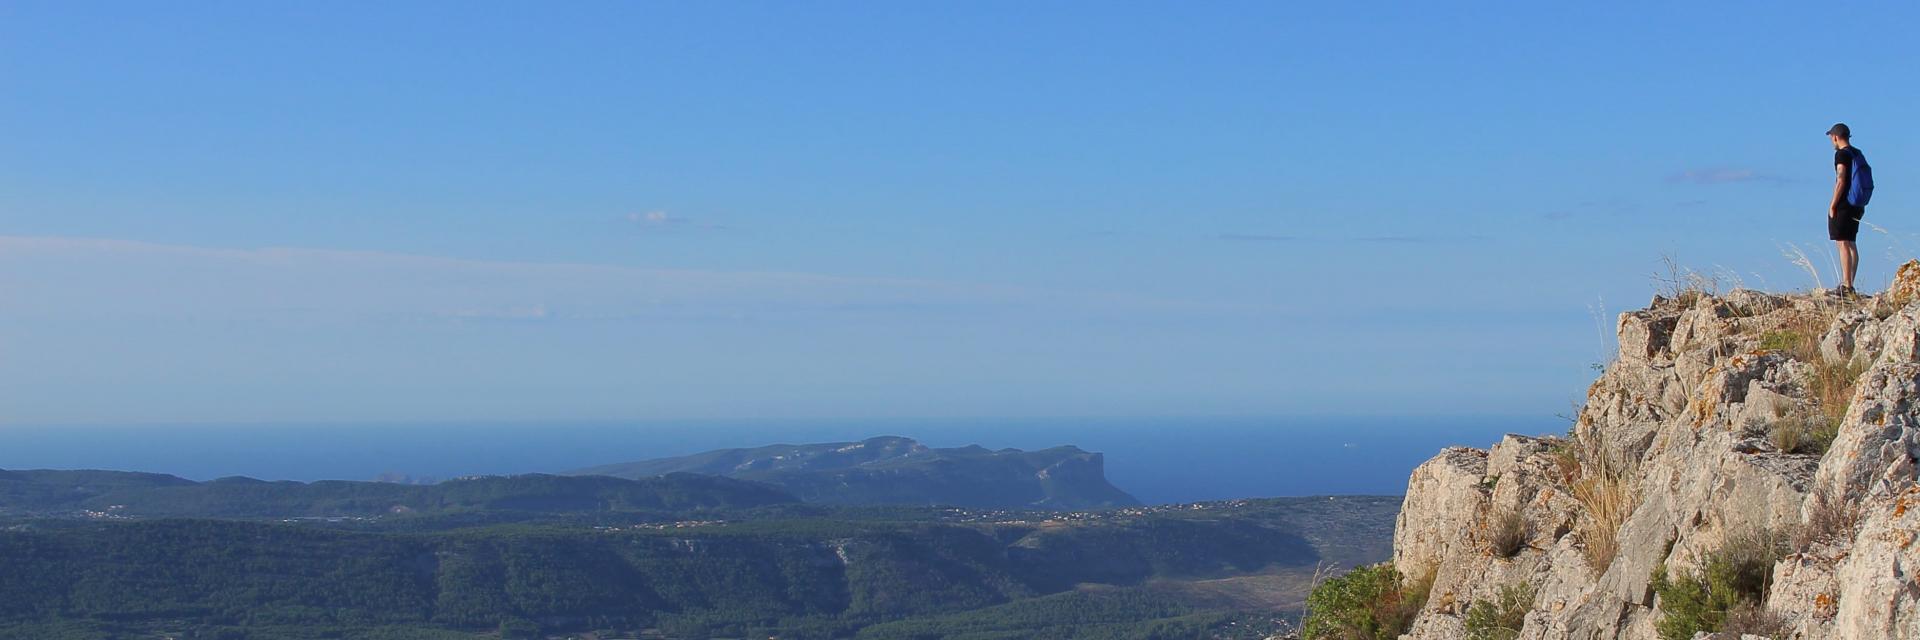 Sommet du Garlaban - randonneur - vue sur Aubagne, les collines et la Méditerranée - OTI_Aubagne